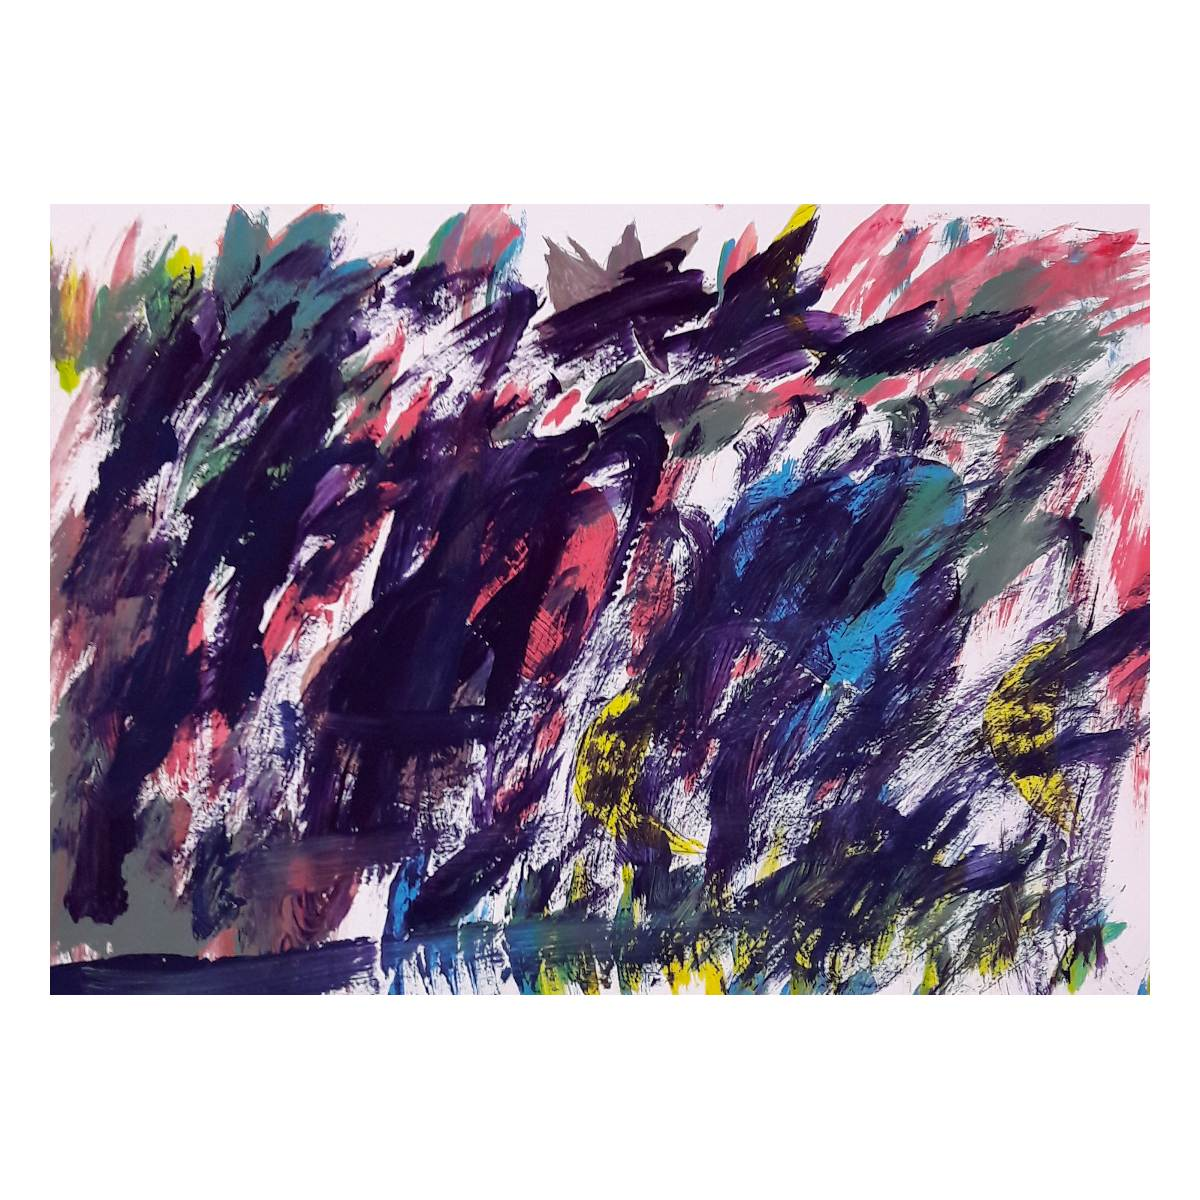 Hanna, Malerei Mischfarben, Atelier Kunstgespür, Berlin-Grünau